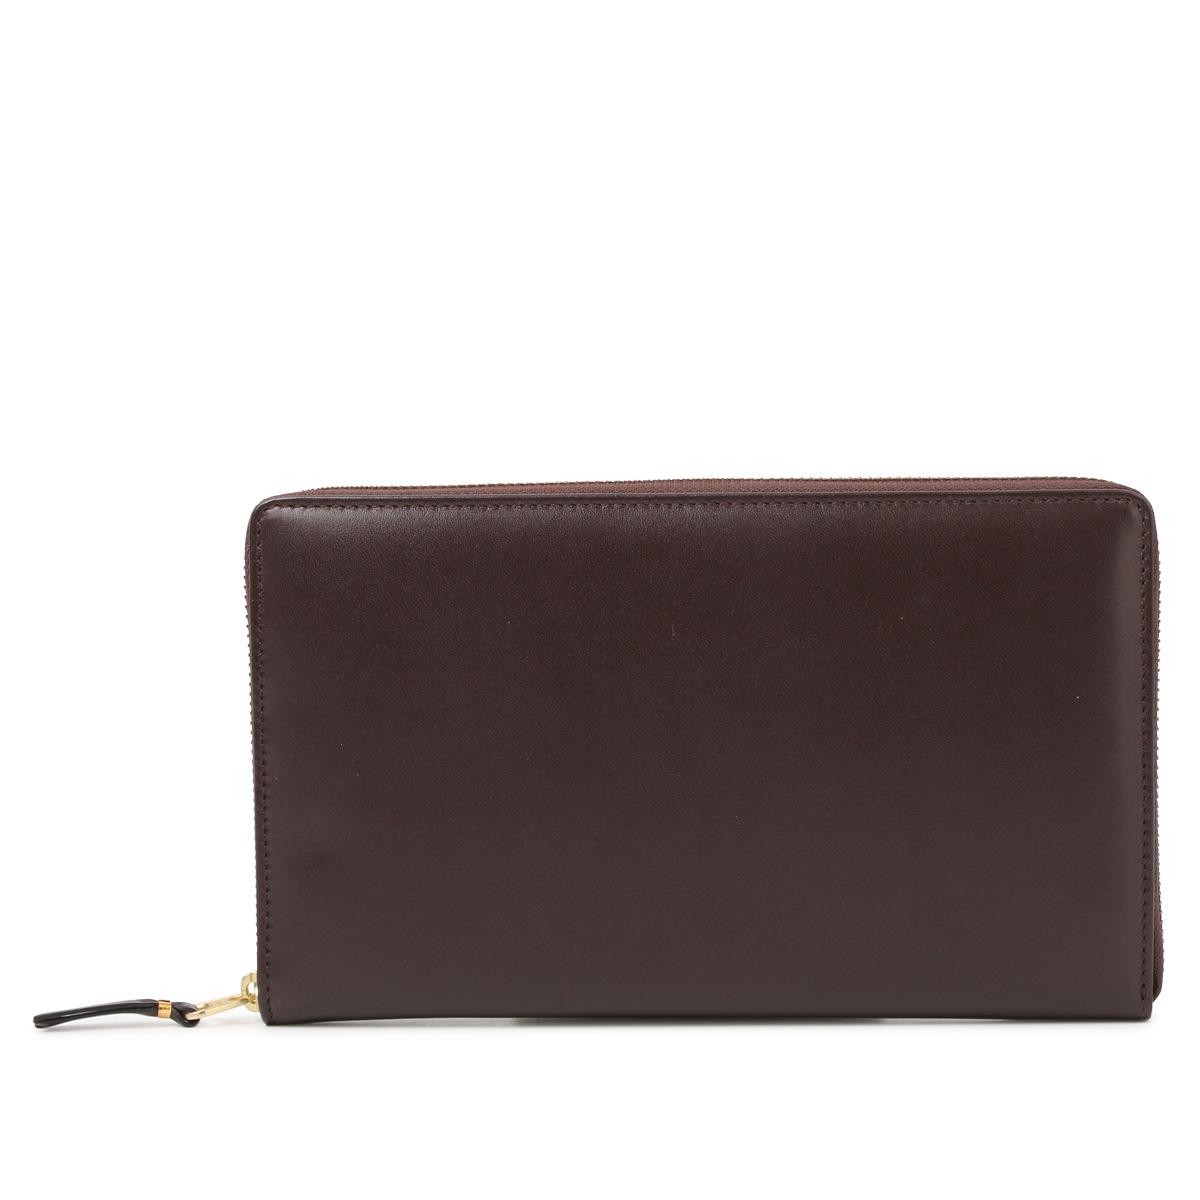 COMME des GARCONS NEW CLASSIC コムデギャルソン 財布 長財布 メンズ レディース ラウンドファスナー ブラック ブラウン 黒 SA0200